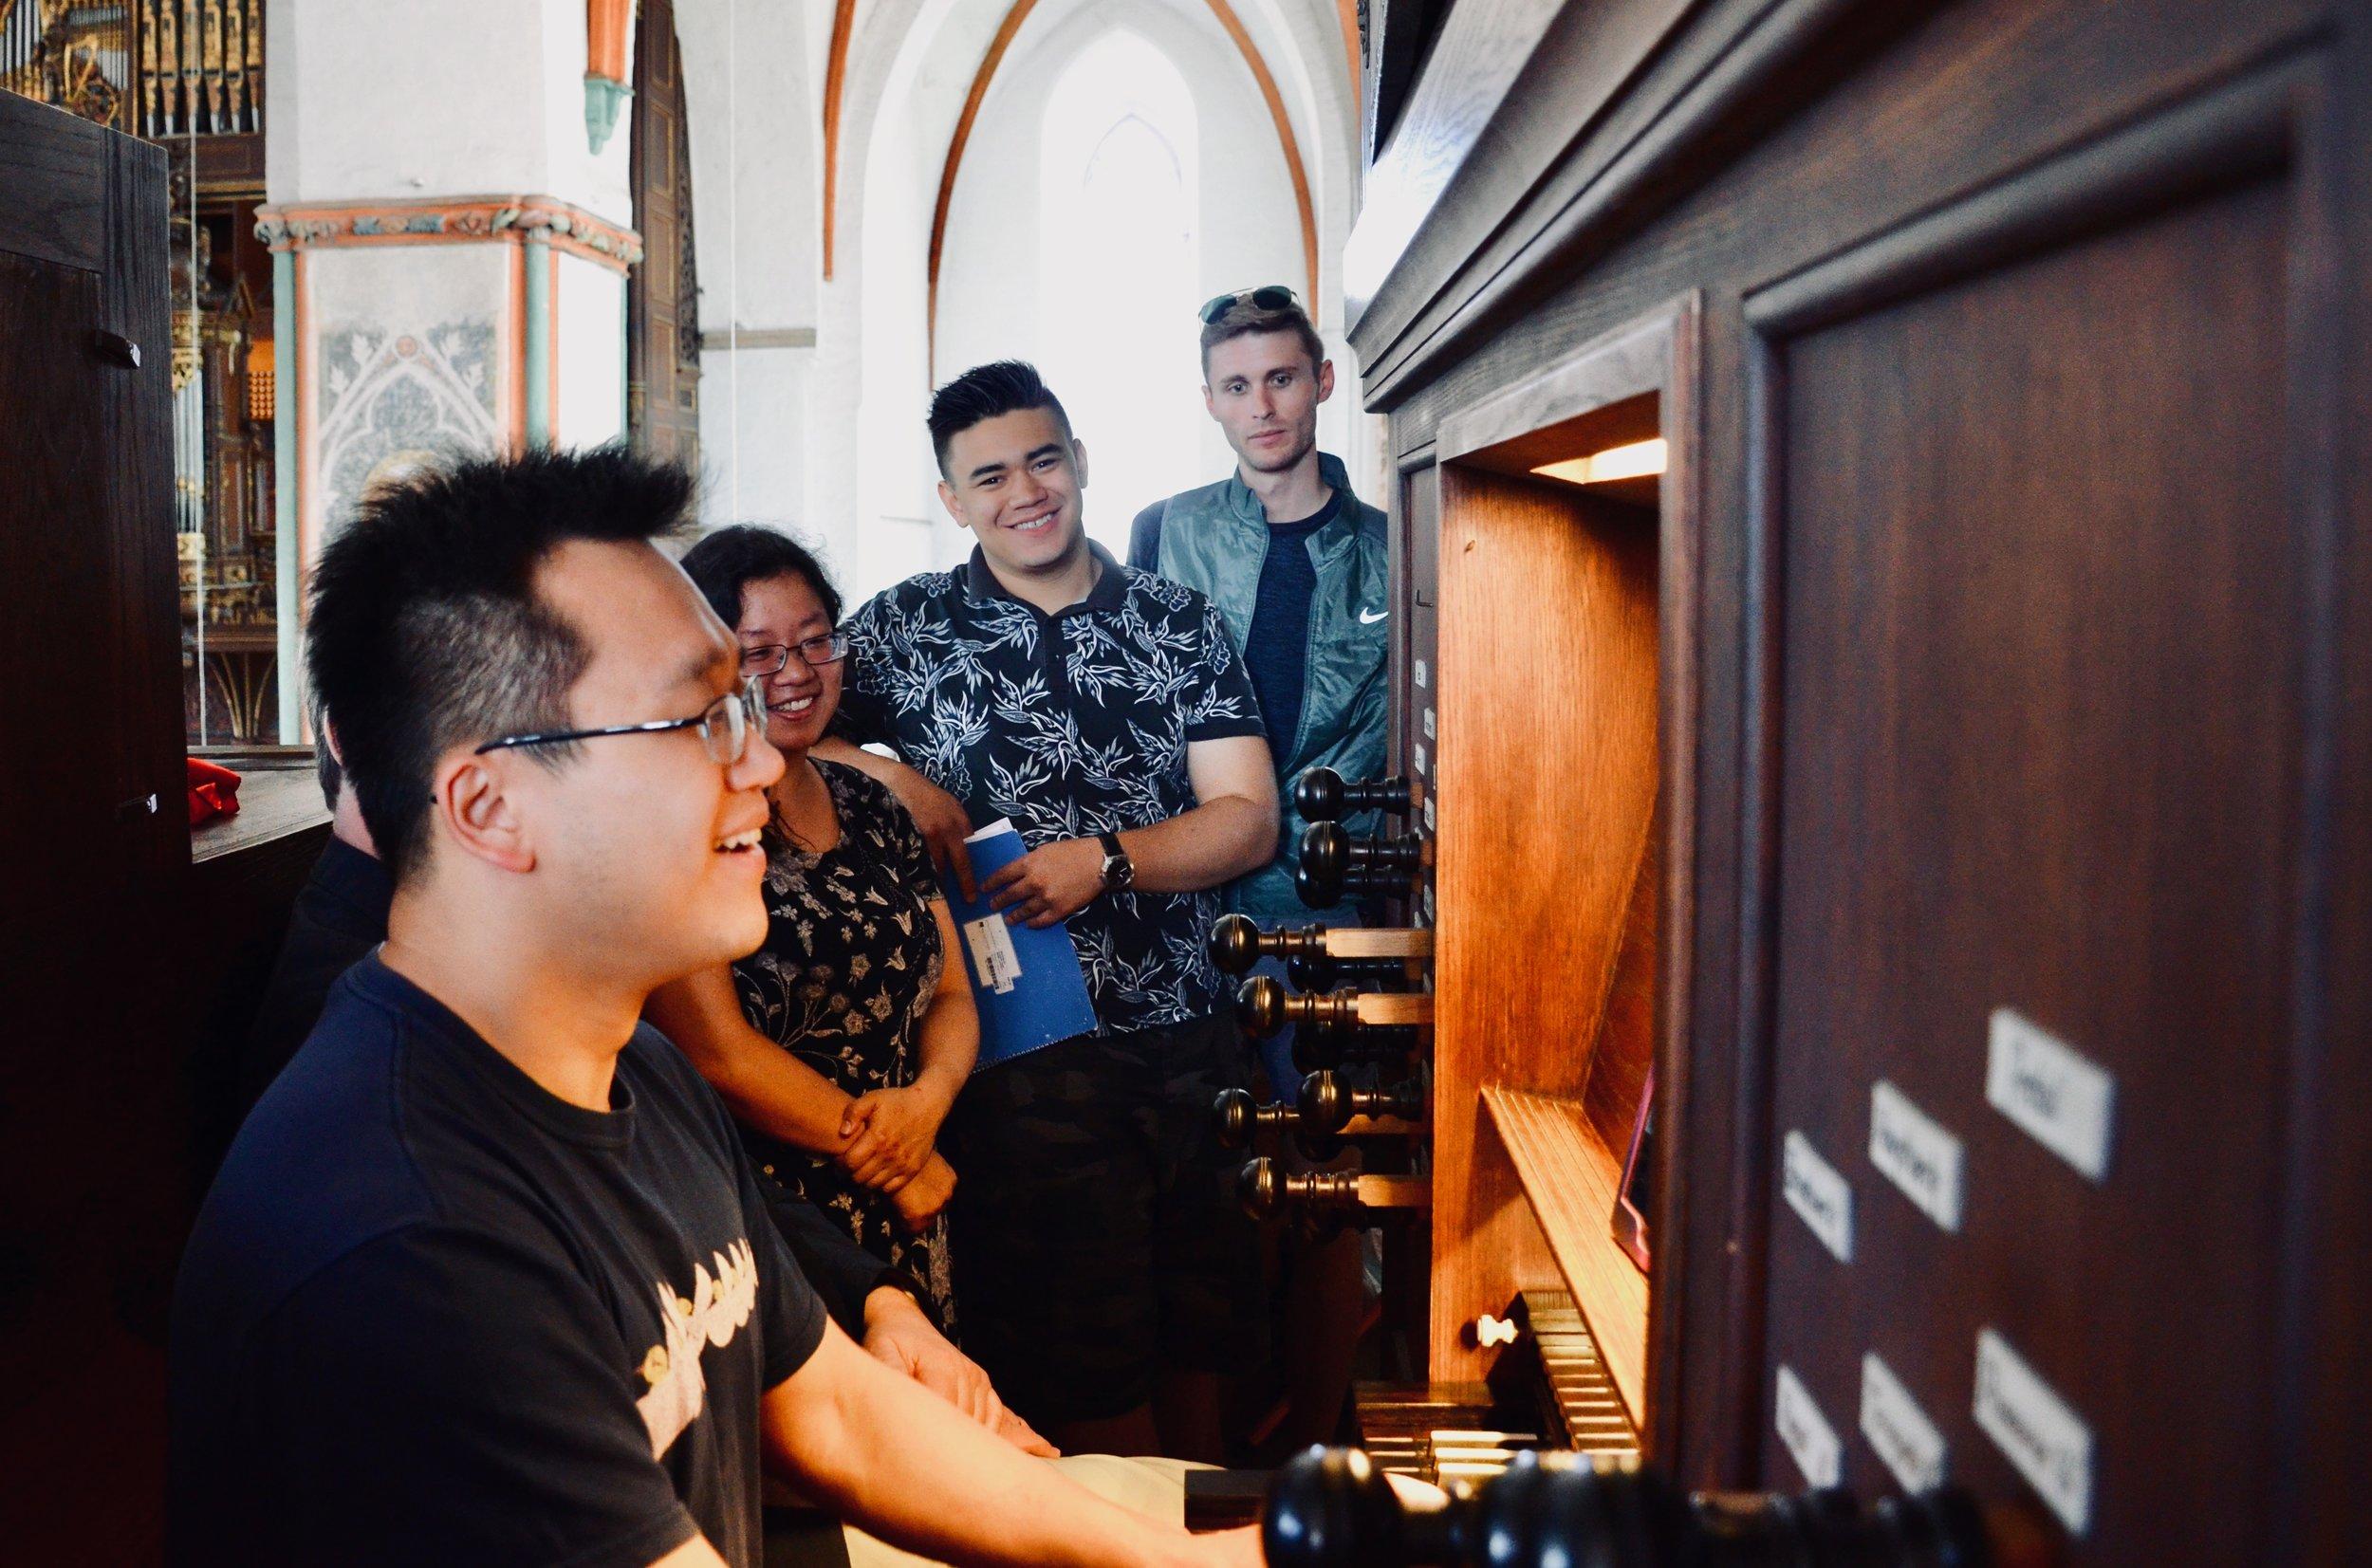 Adrian Cho plays the 1637 Stellwagen Organ, St. Jakobi, Lübeck.